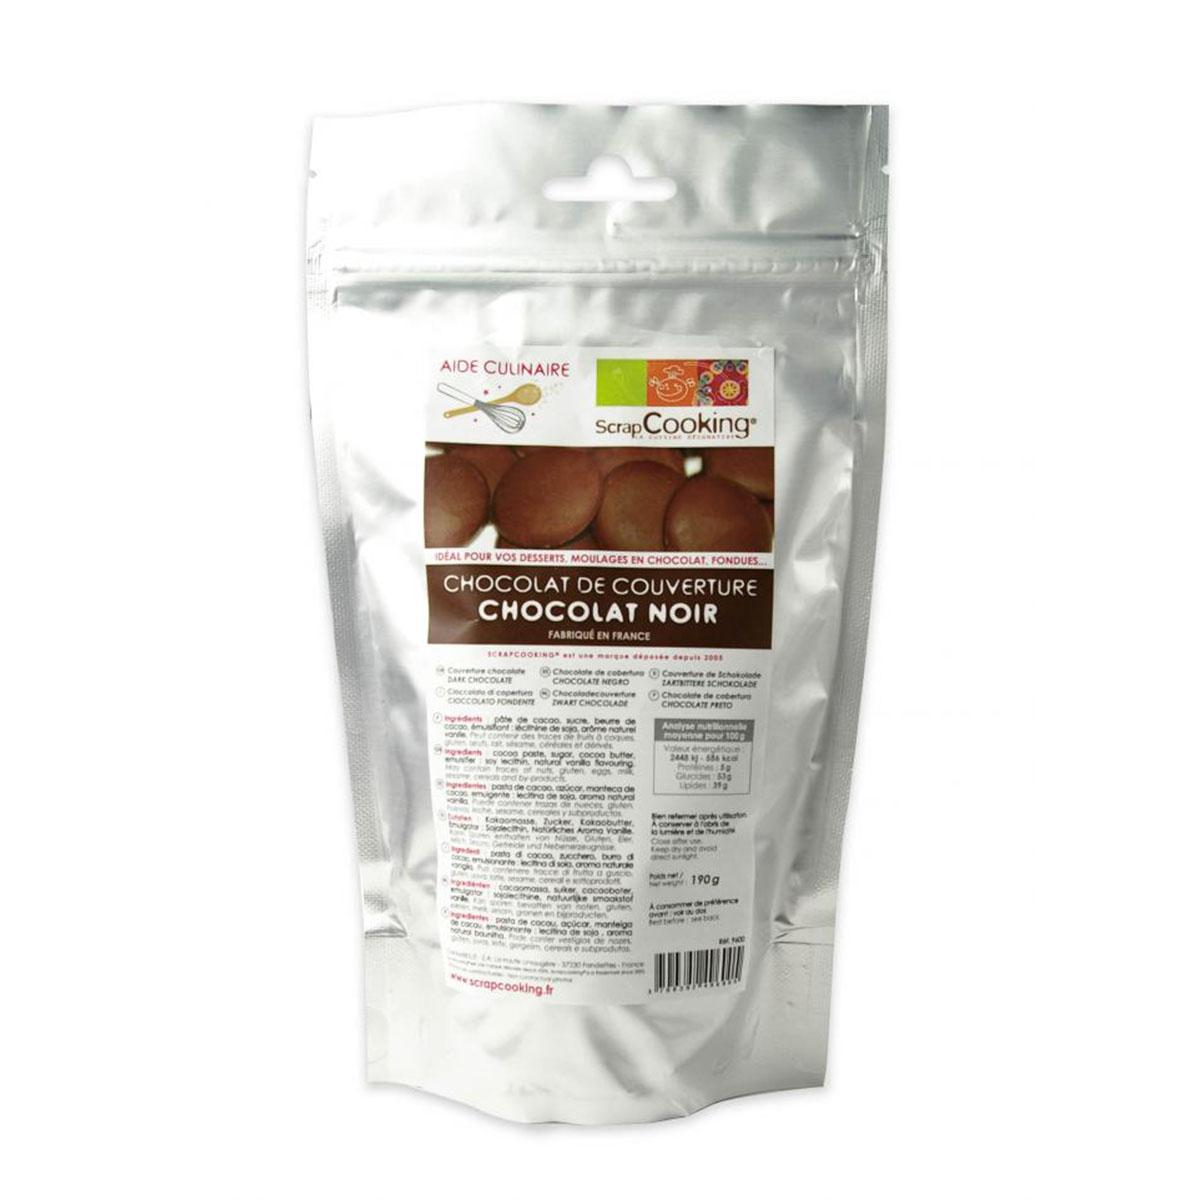 Image du produit Chocolat de couverture - Noir - 190g  - Scrapcooking